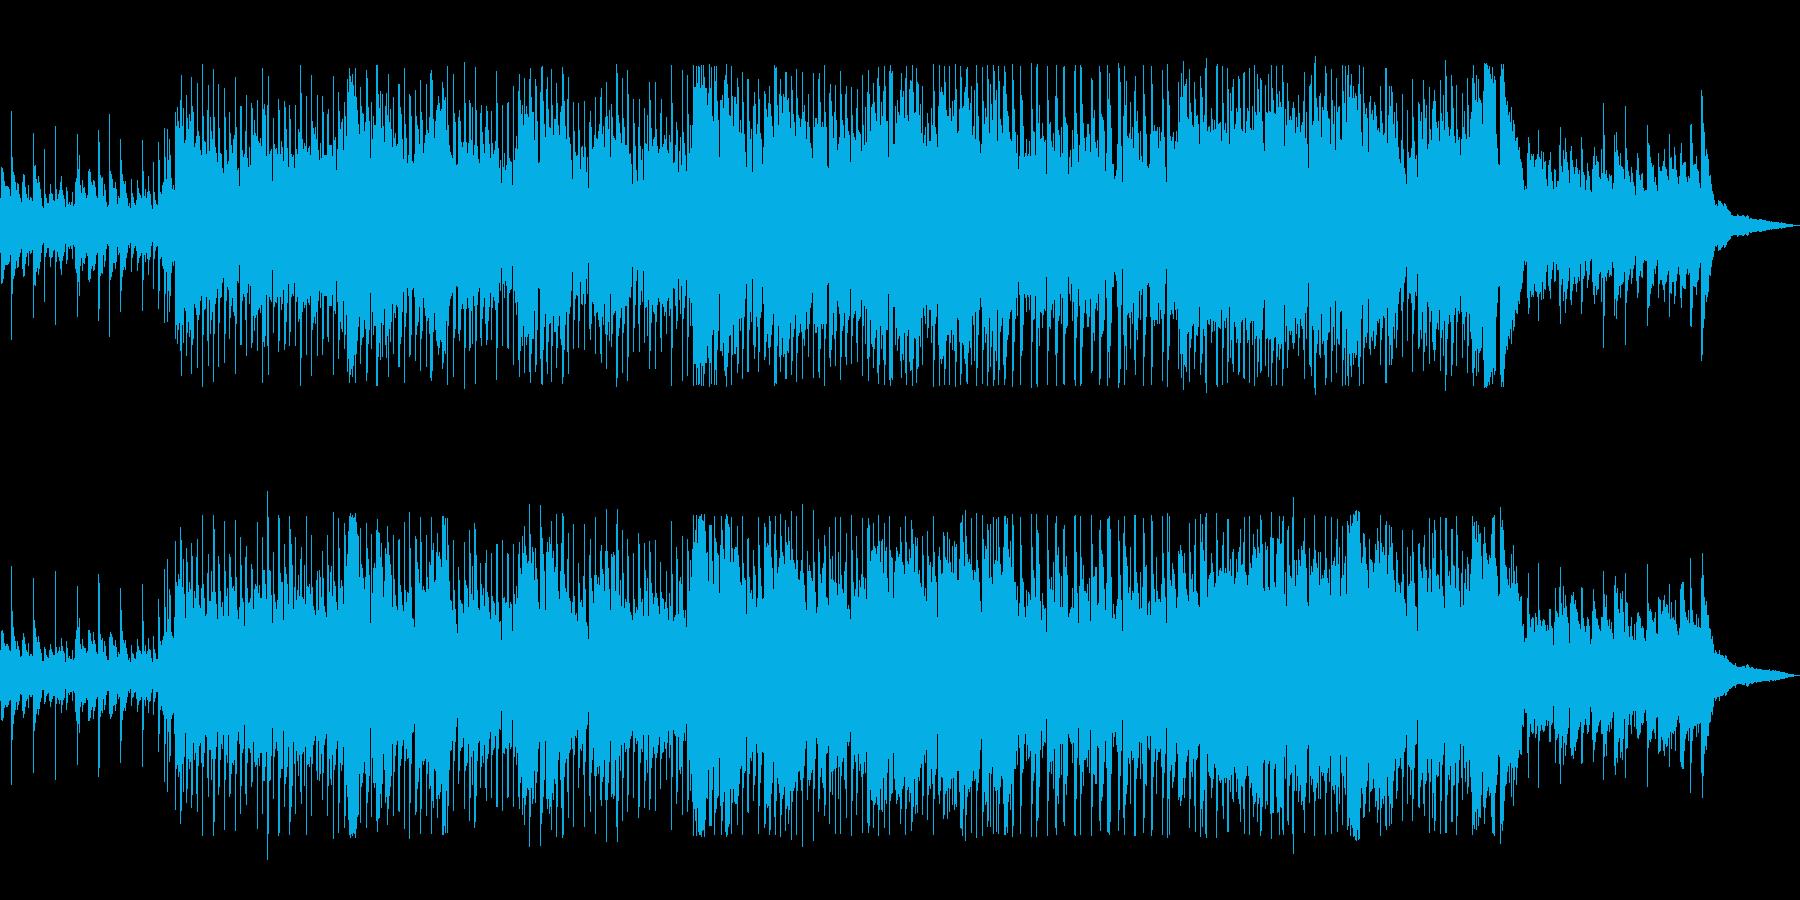 ギターと鍵盤ハーモニカの爽やかポップスの再生済みの波形